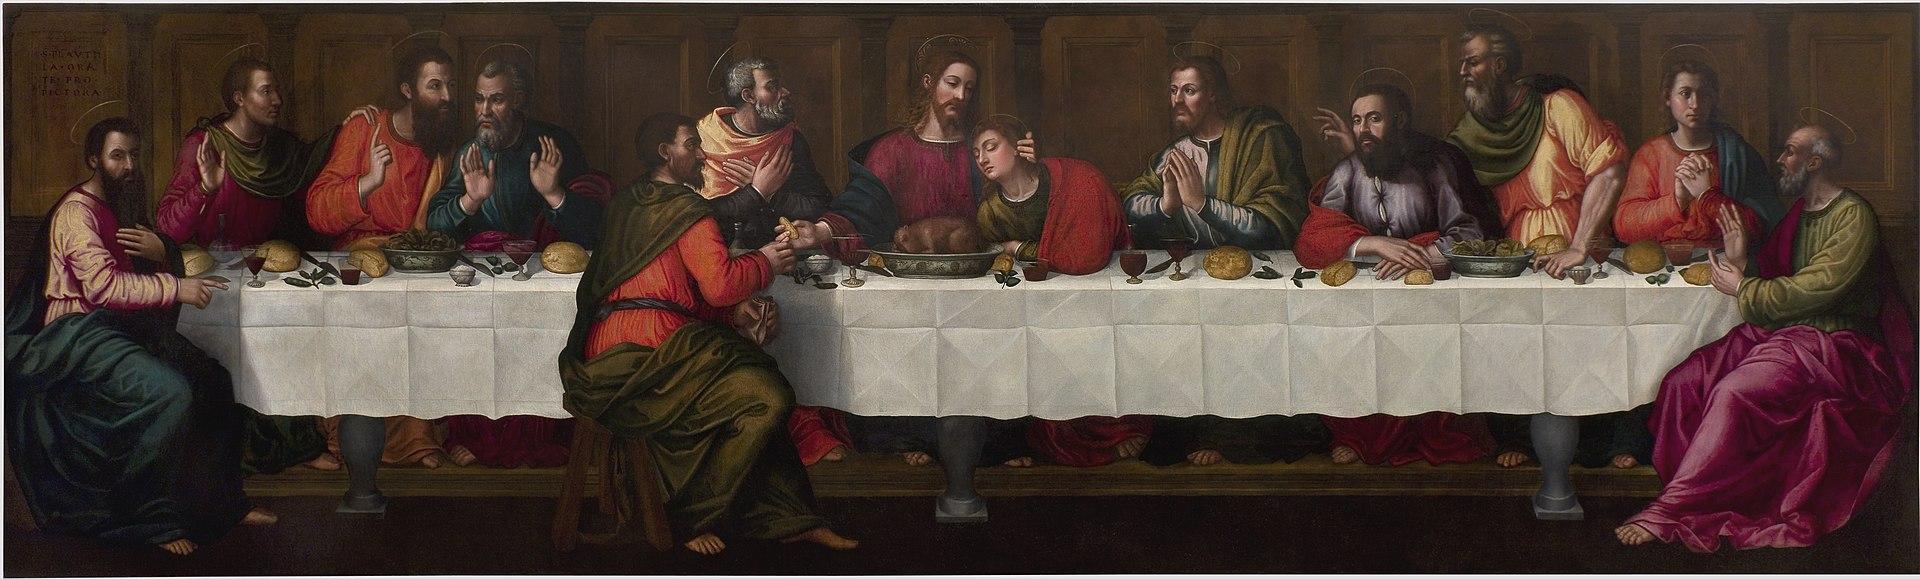 1920px-Plautilla_Nelli_-_The_Last_Supper